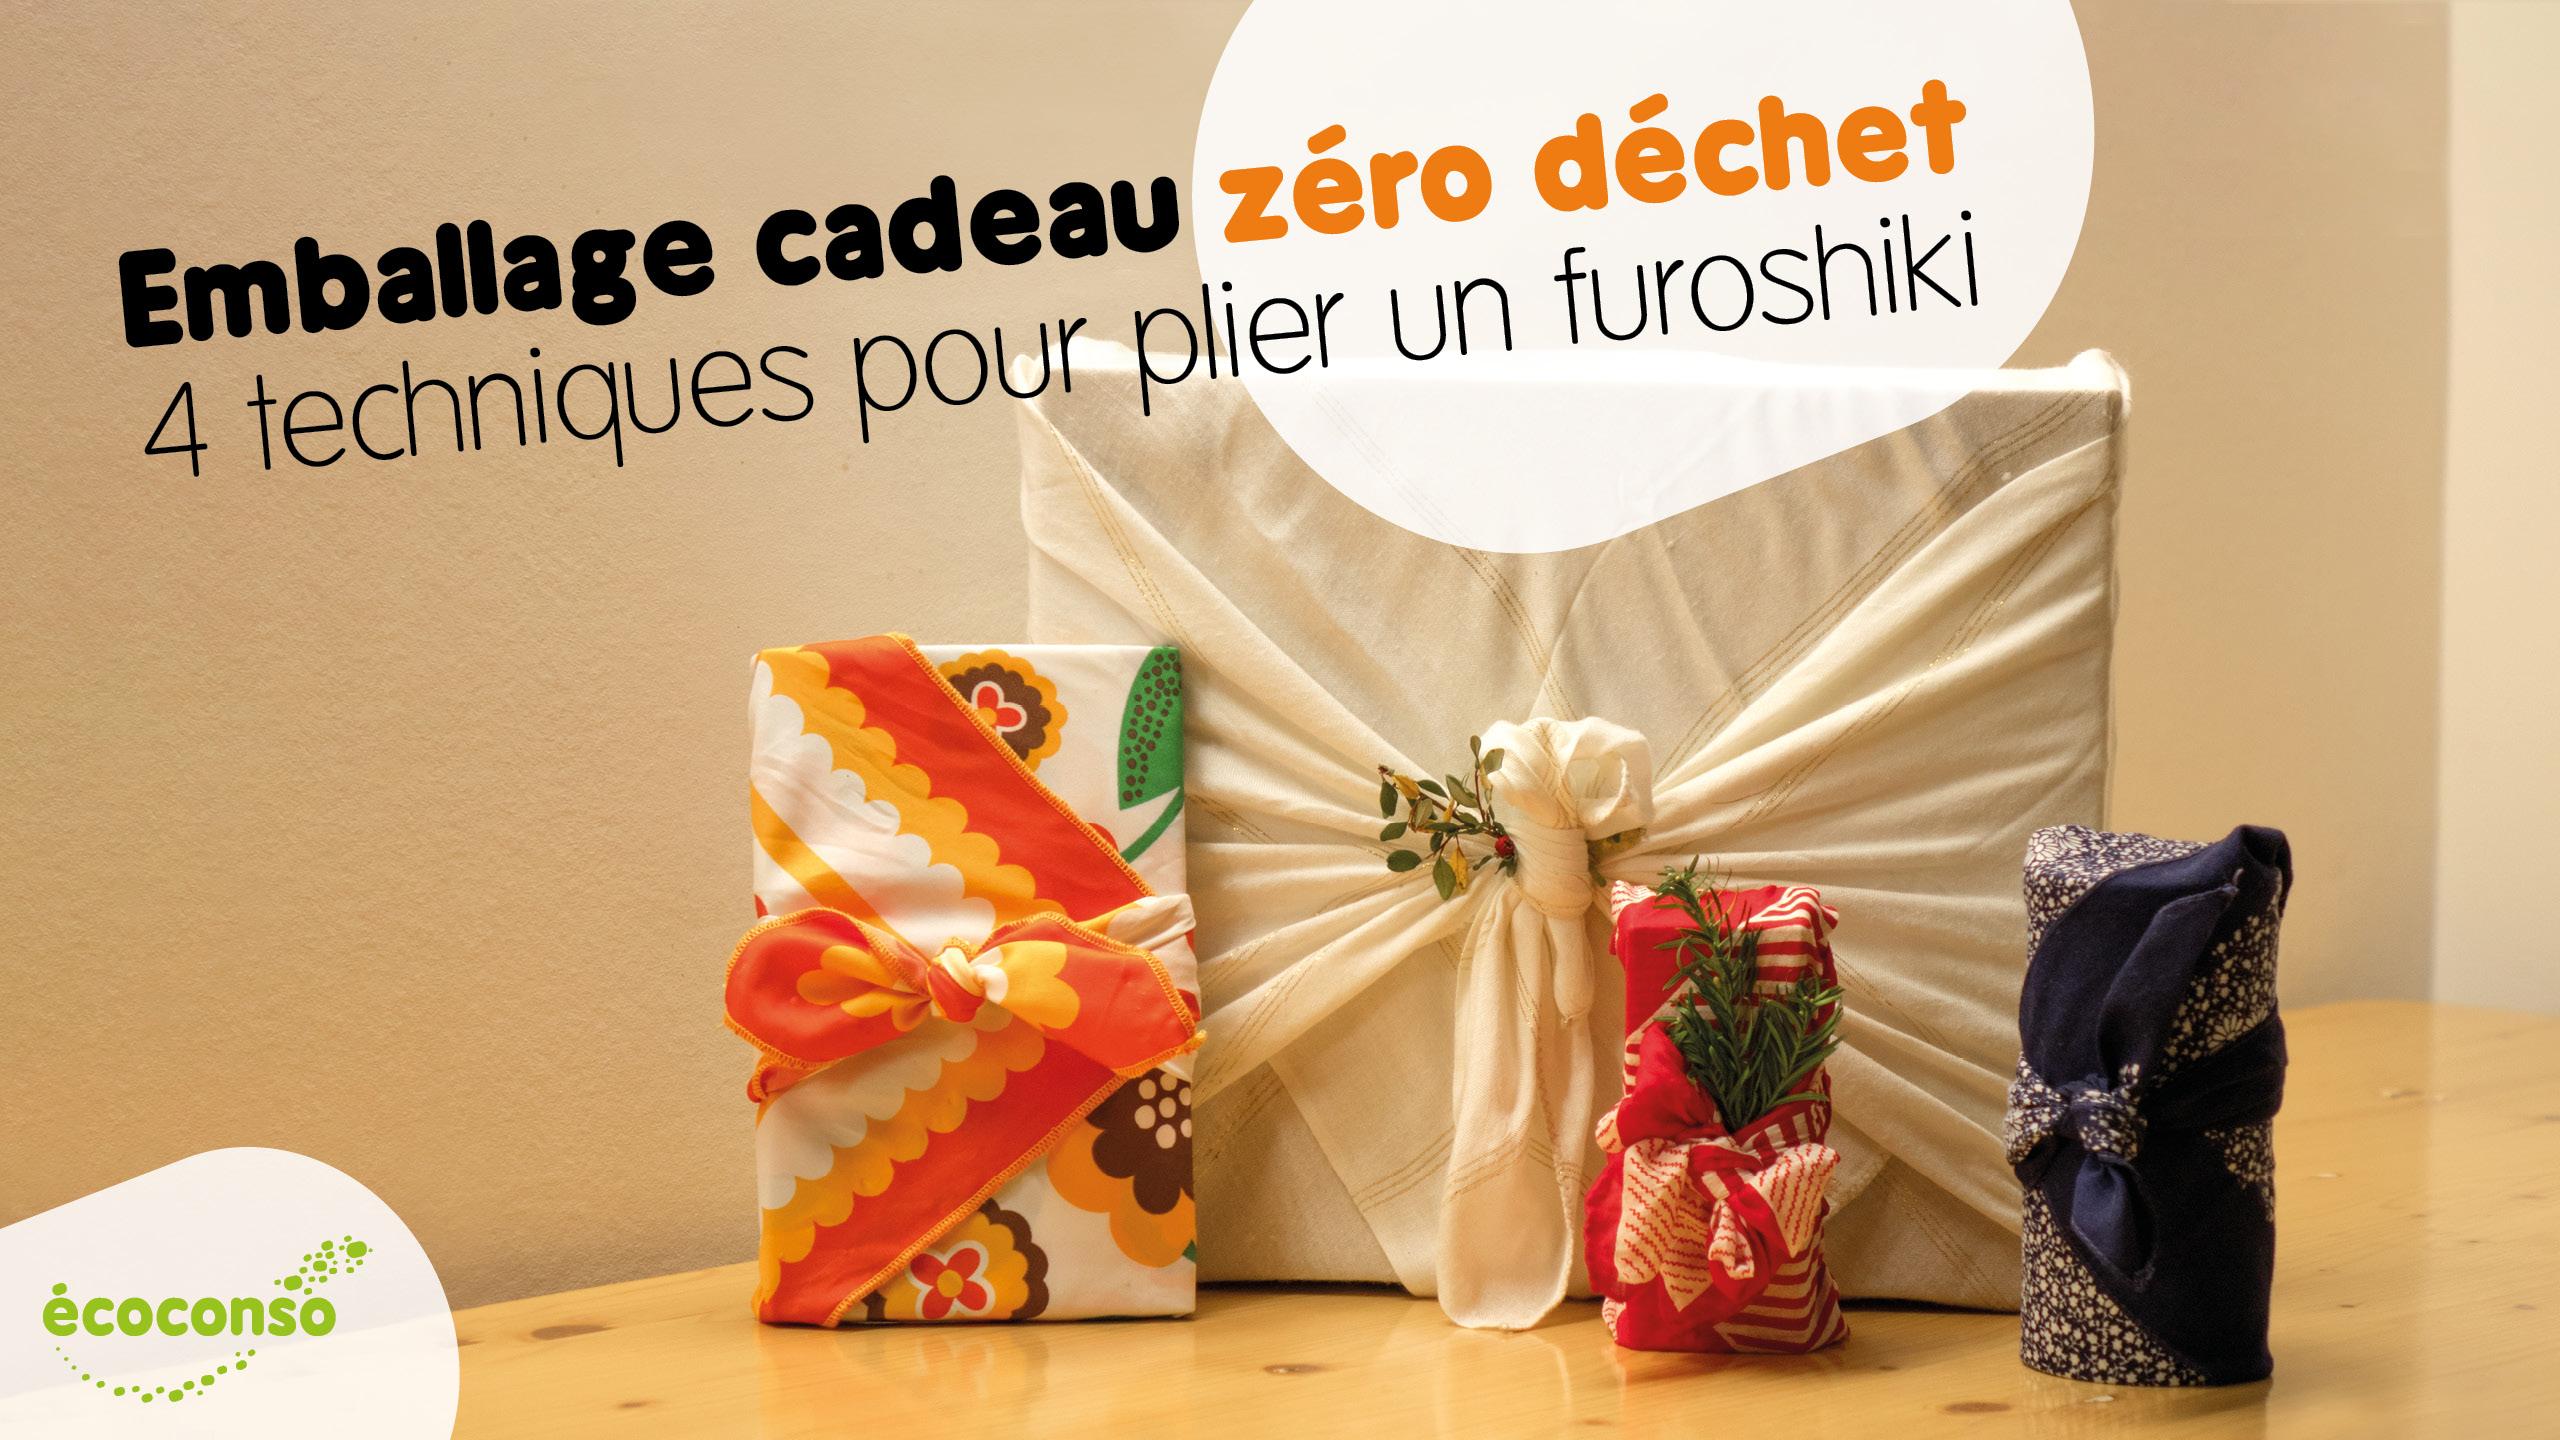 10 Idées Cadeau Presque Zéro Déchet Pour Noël écoconso